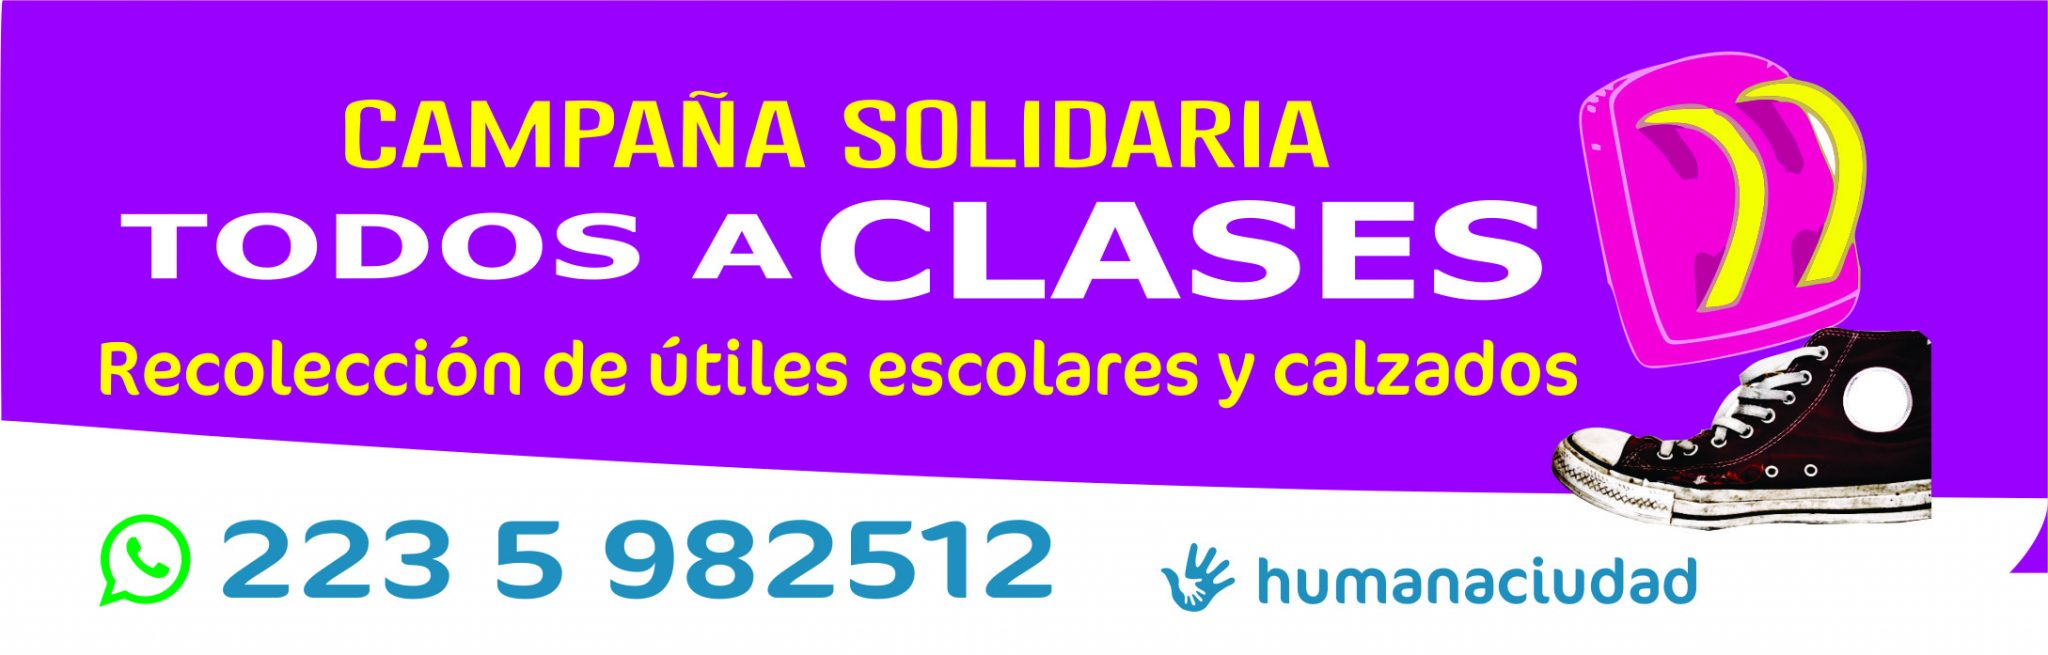 """Lanzan campaña solidaria """"Ningún niño fuera de la escuela"""""""